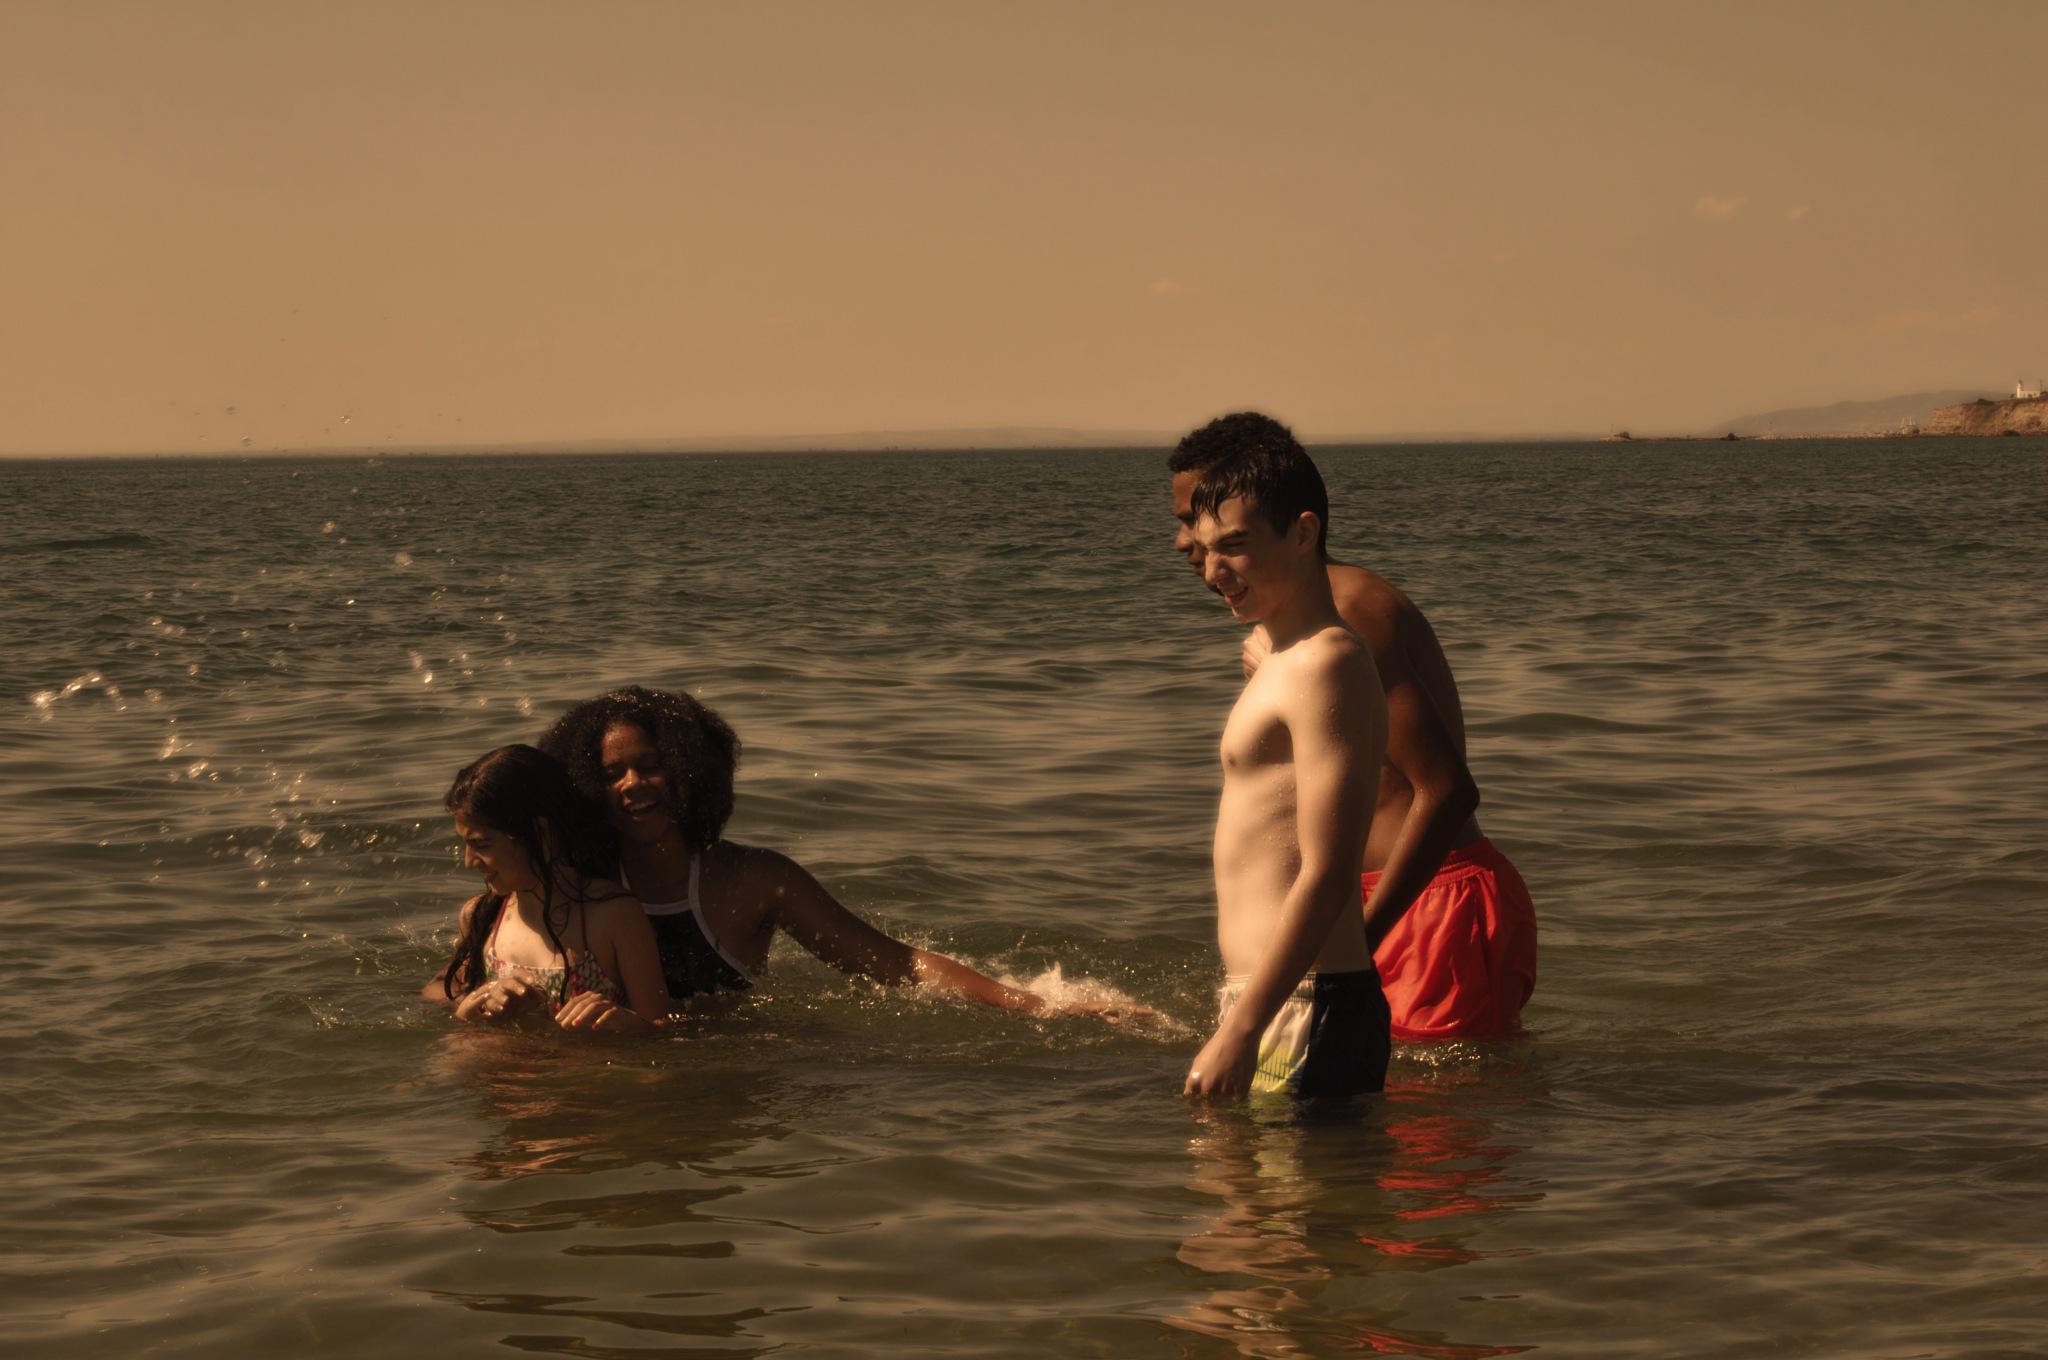 Αγάπη, χαρά, ήλιος, θάλασσα. by Kathrine Anna